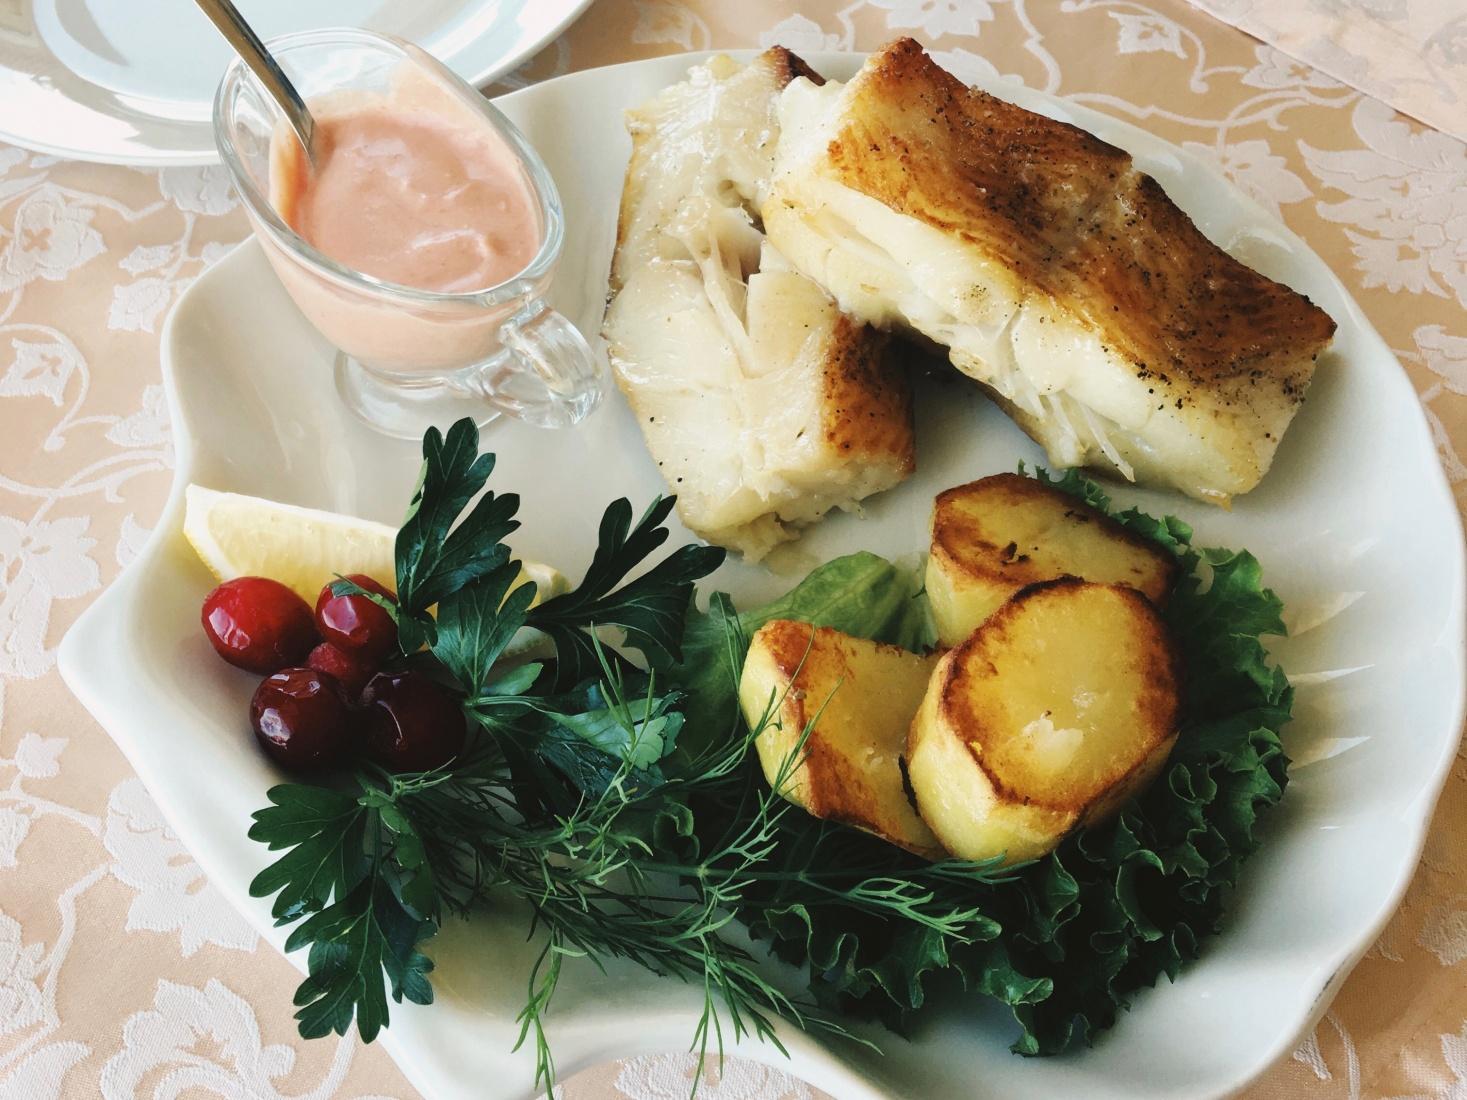 Fish dinner from a restaurant along Svetlogorsk's shoreline, outside Kaliningrad, Russia.